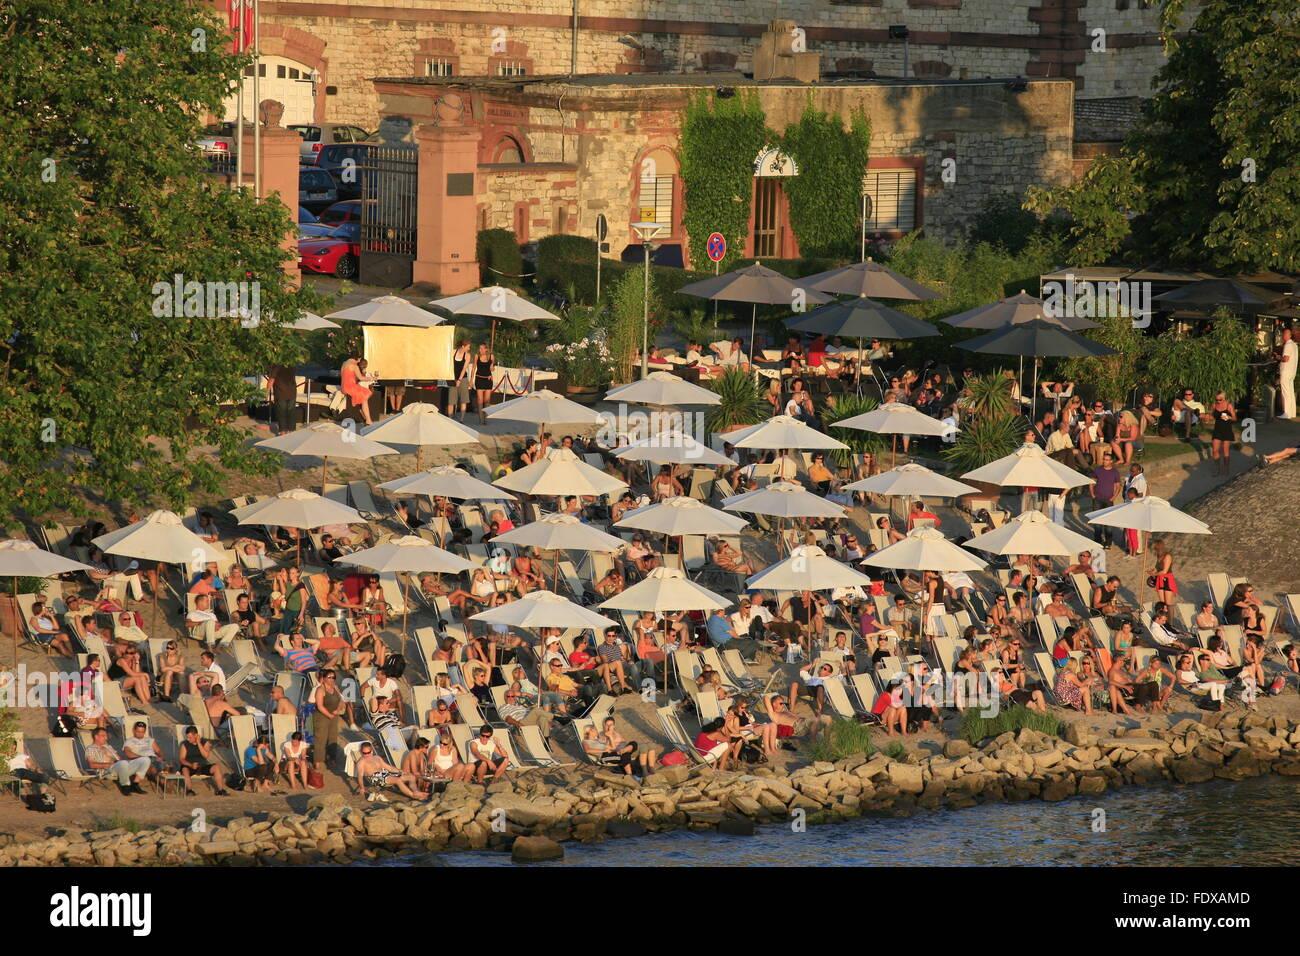 Deutschland, Hessen, Wiesbaden, Stadtteil Mainz-Kastel, beach cafe - Stock Image